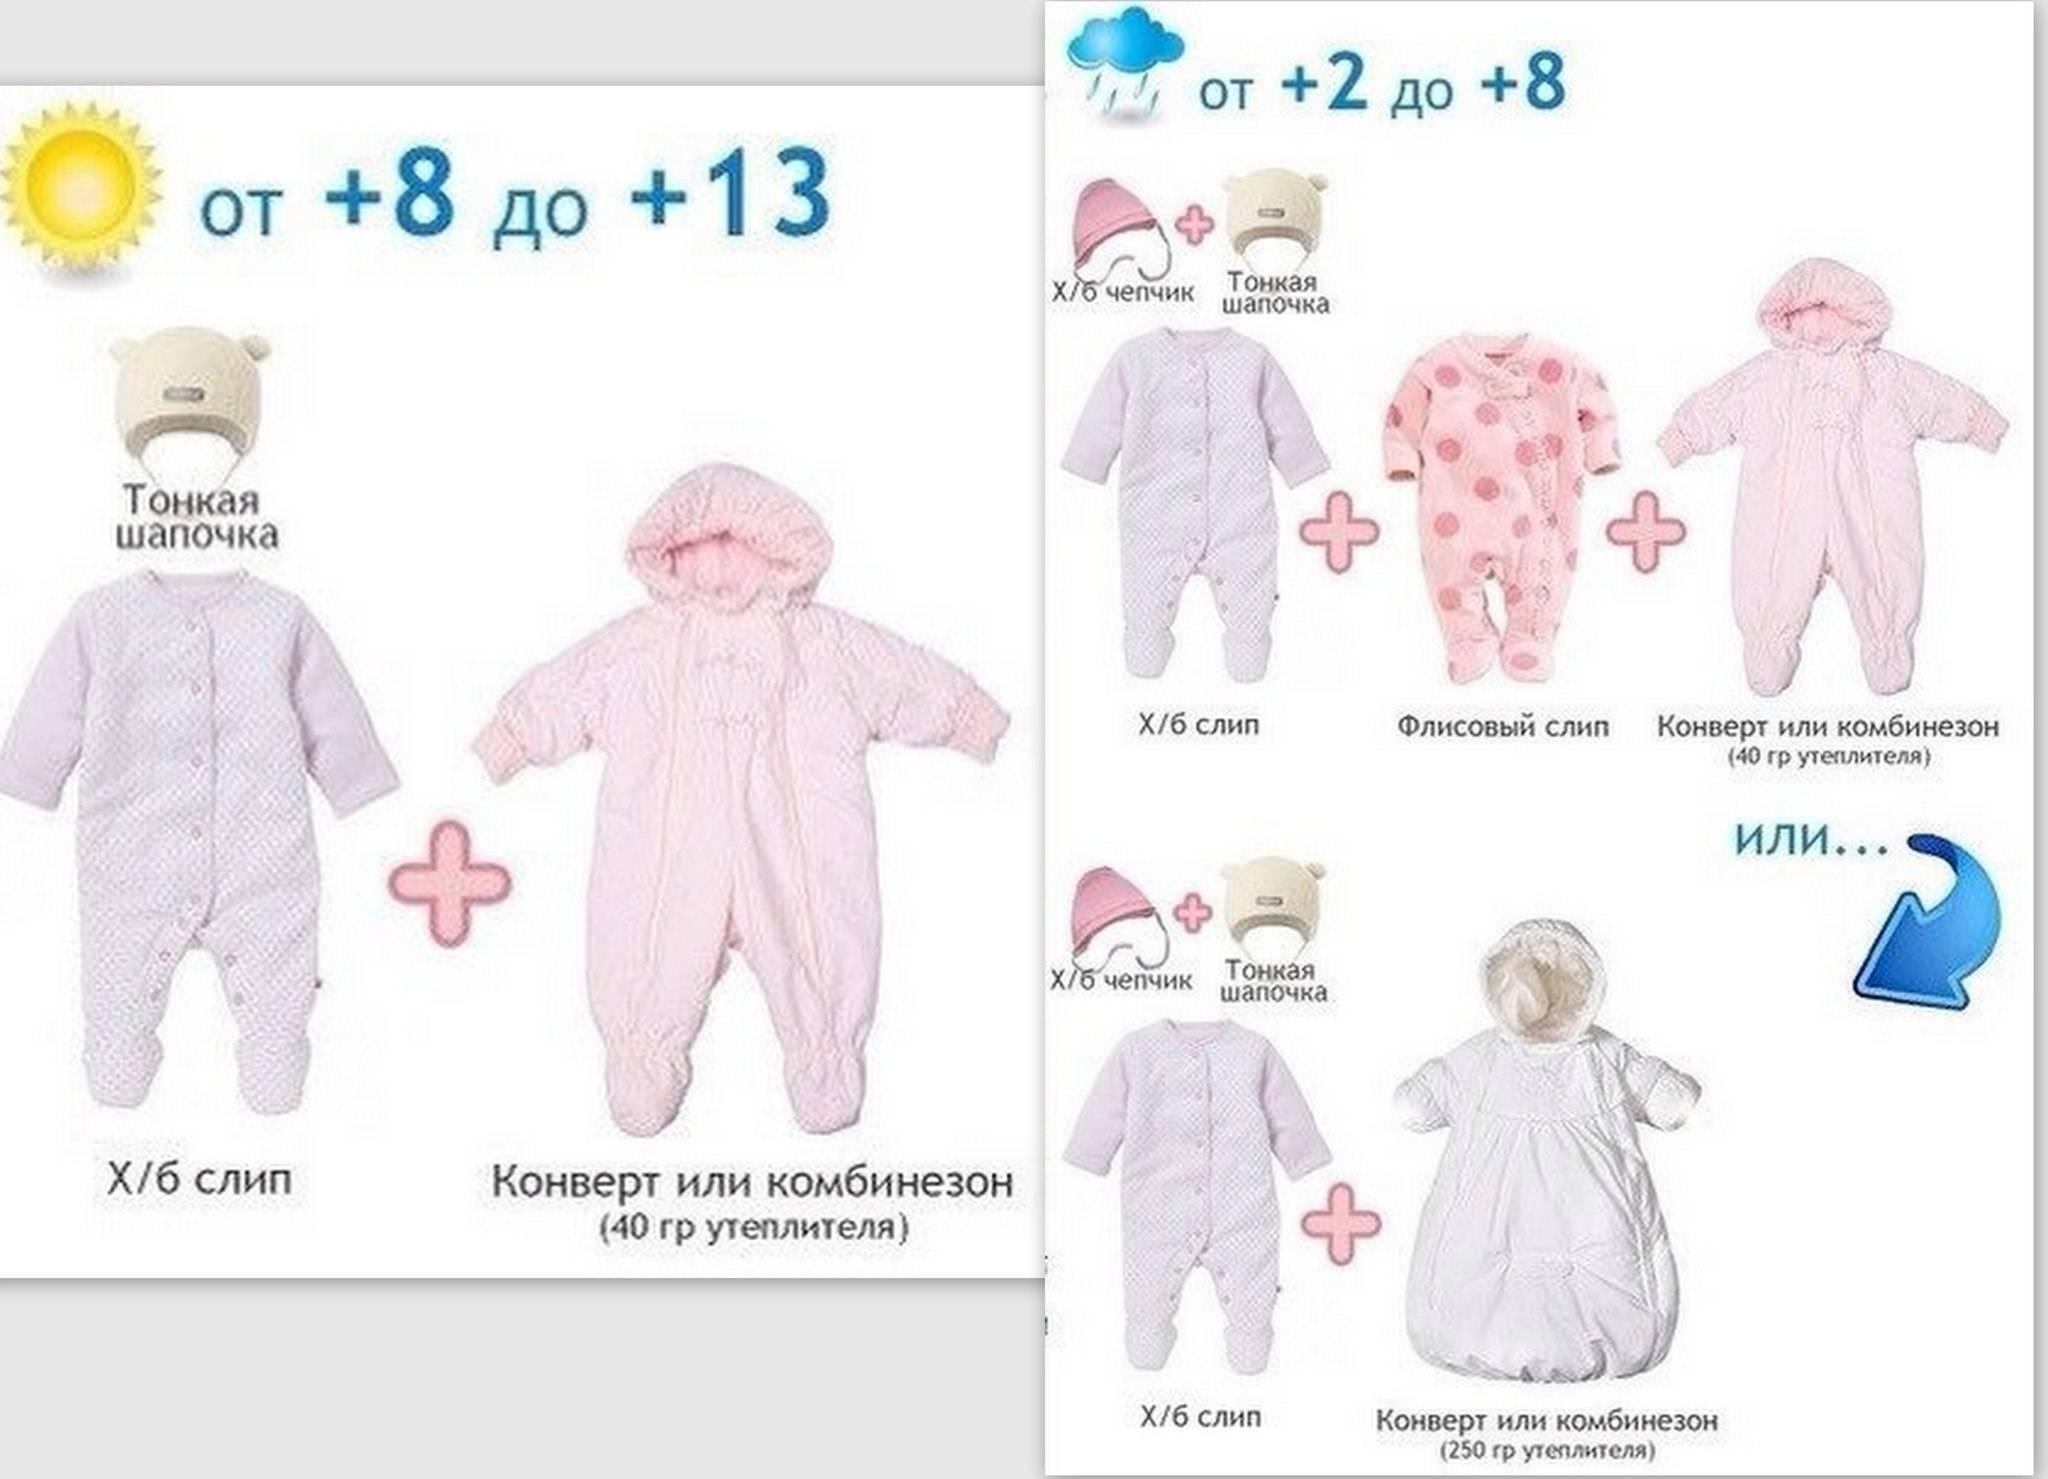 Как одеть новорожденного ребенка на прогулку